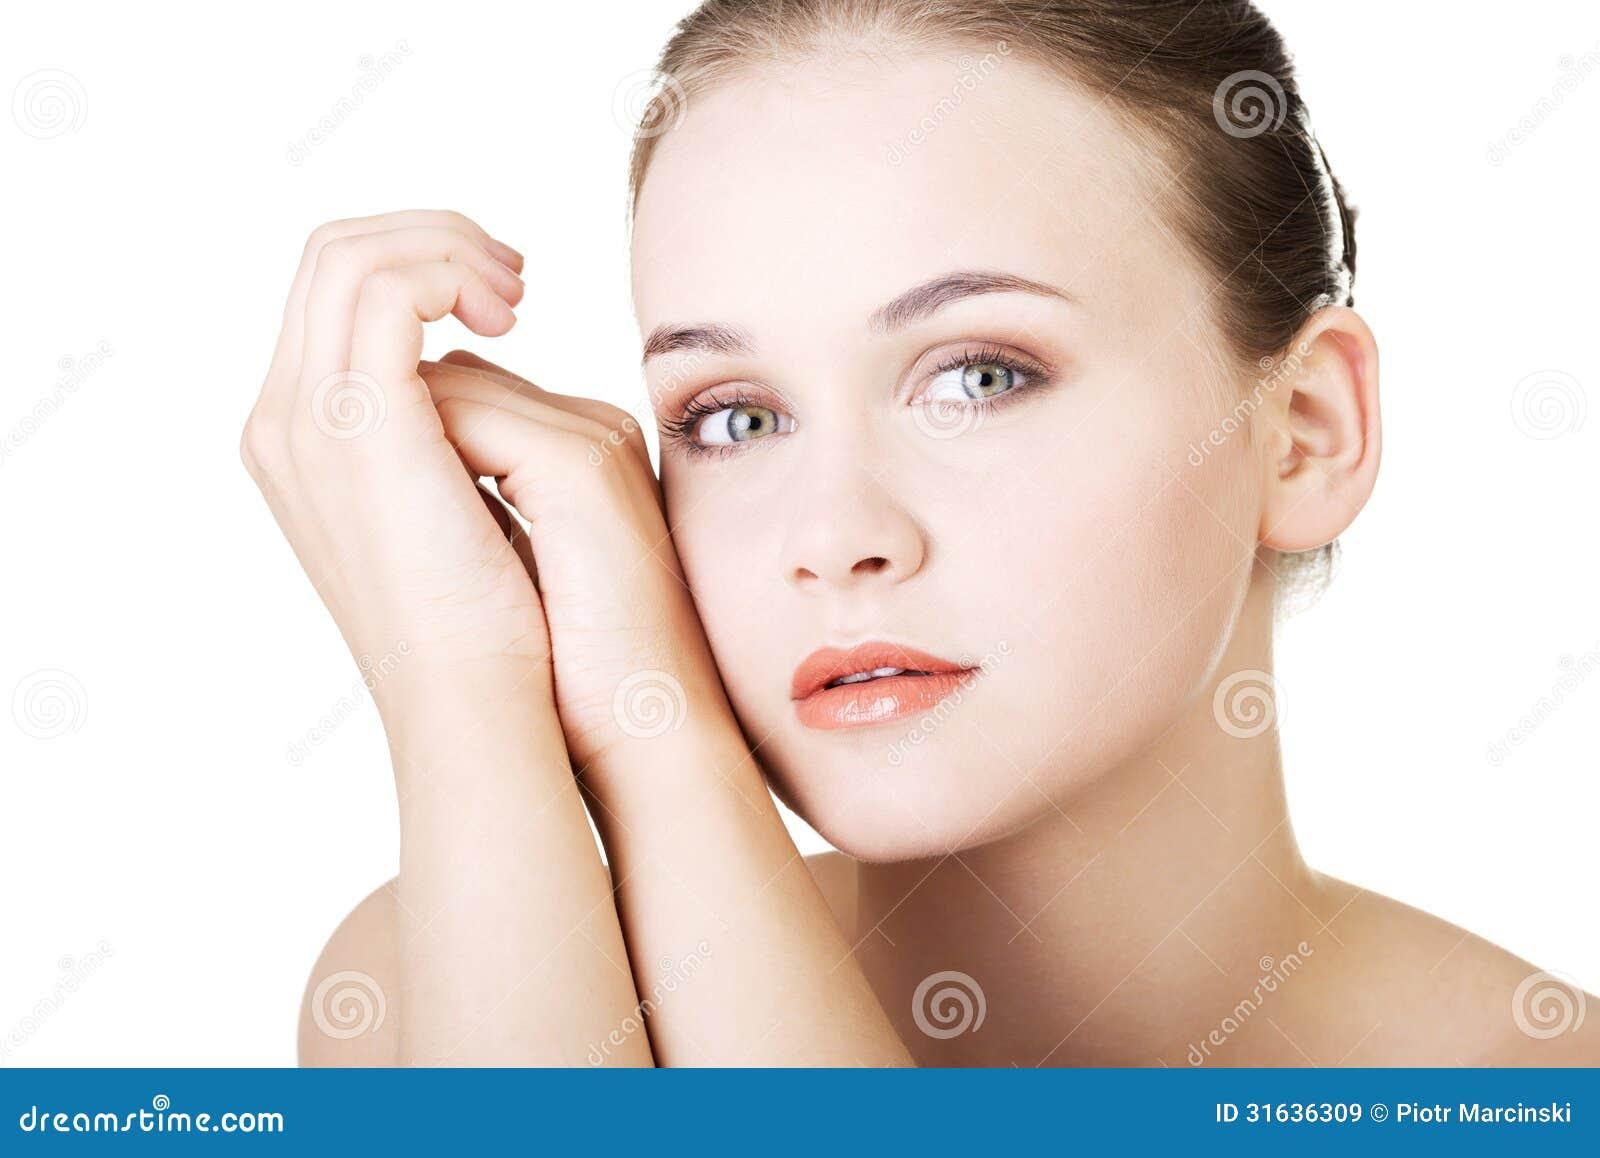 Schönes Gesicht der Badekurortfrau mit gesunder sauberer Haut.